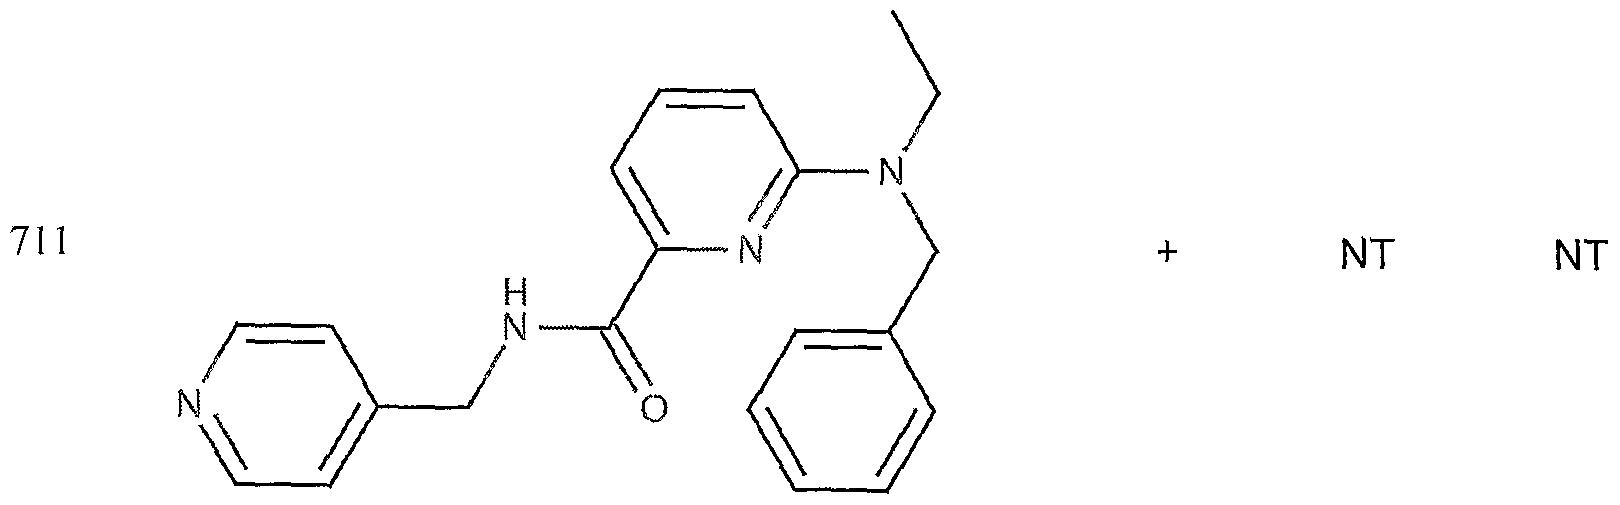 Figure imgf000267_0003